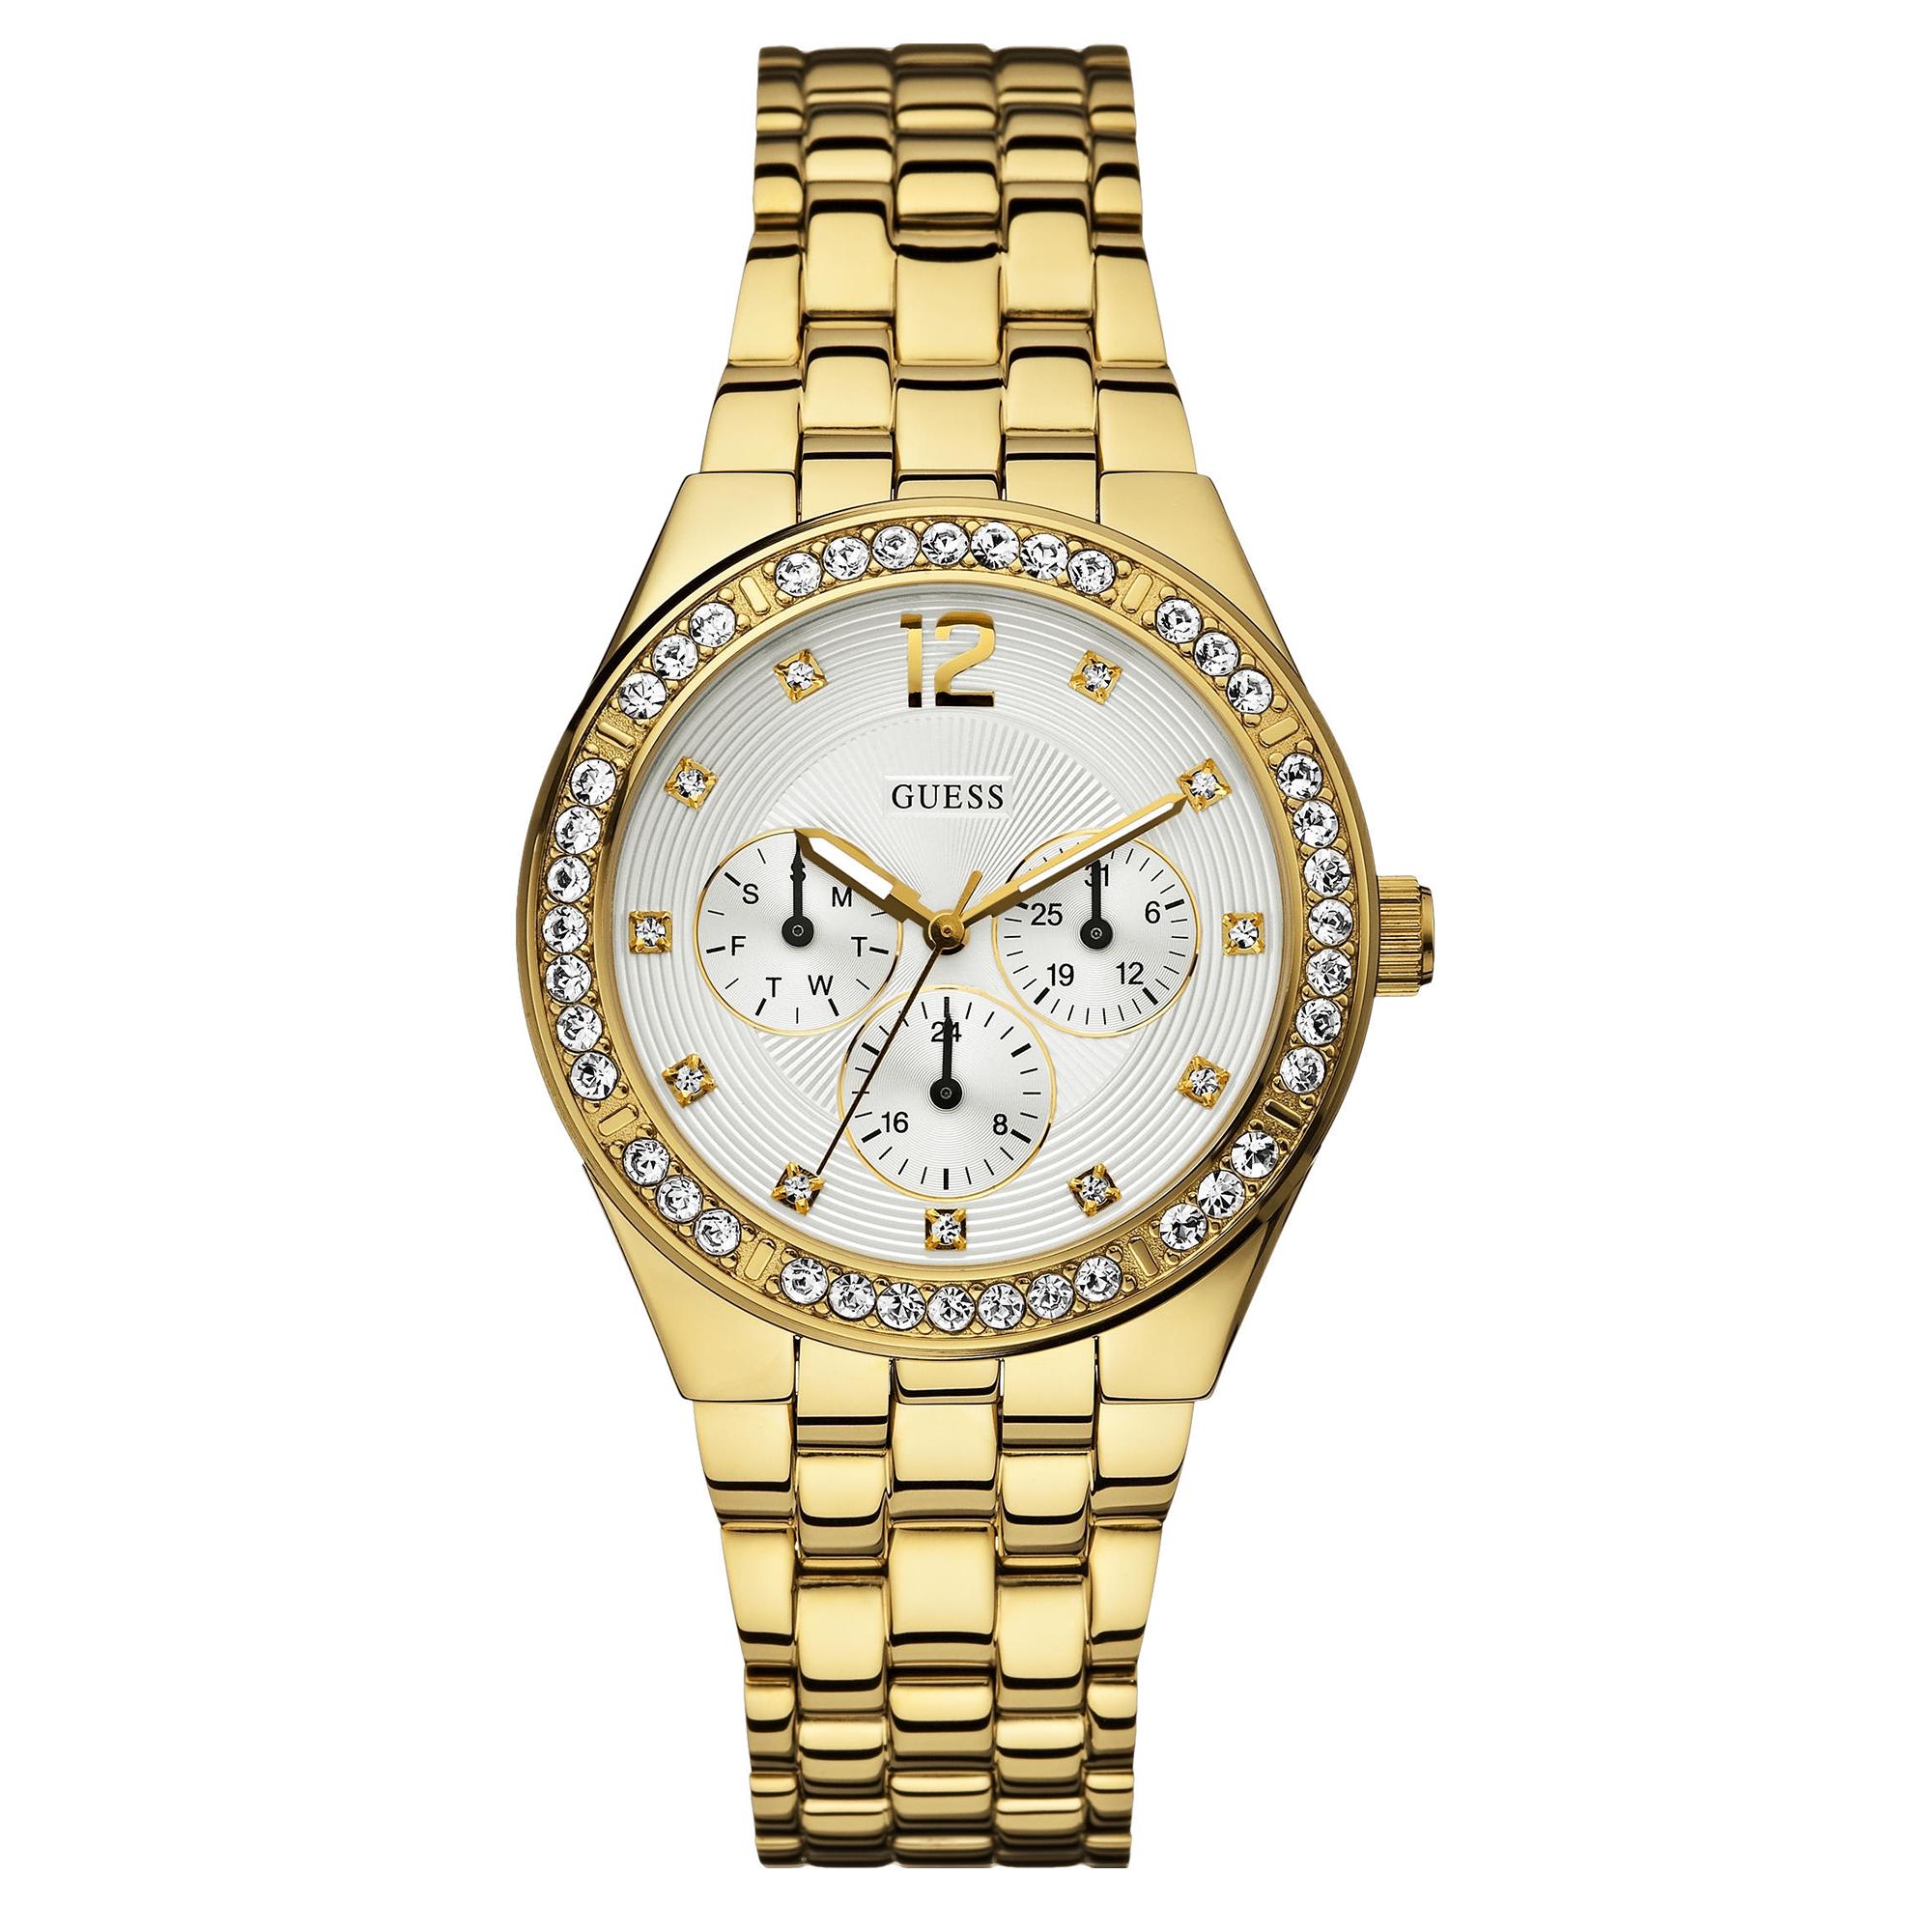 ساعت مچی عقربه ای زنانه گس مدل W16578L1